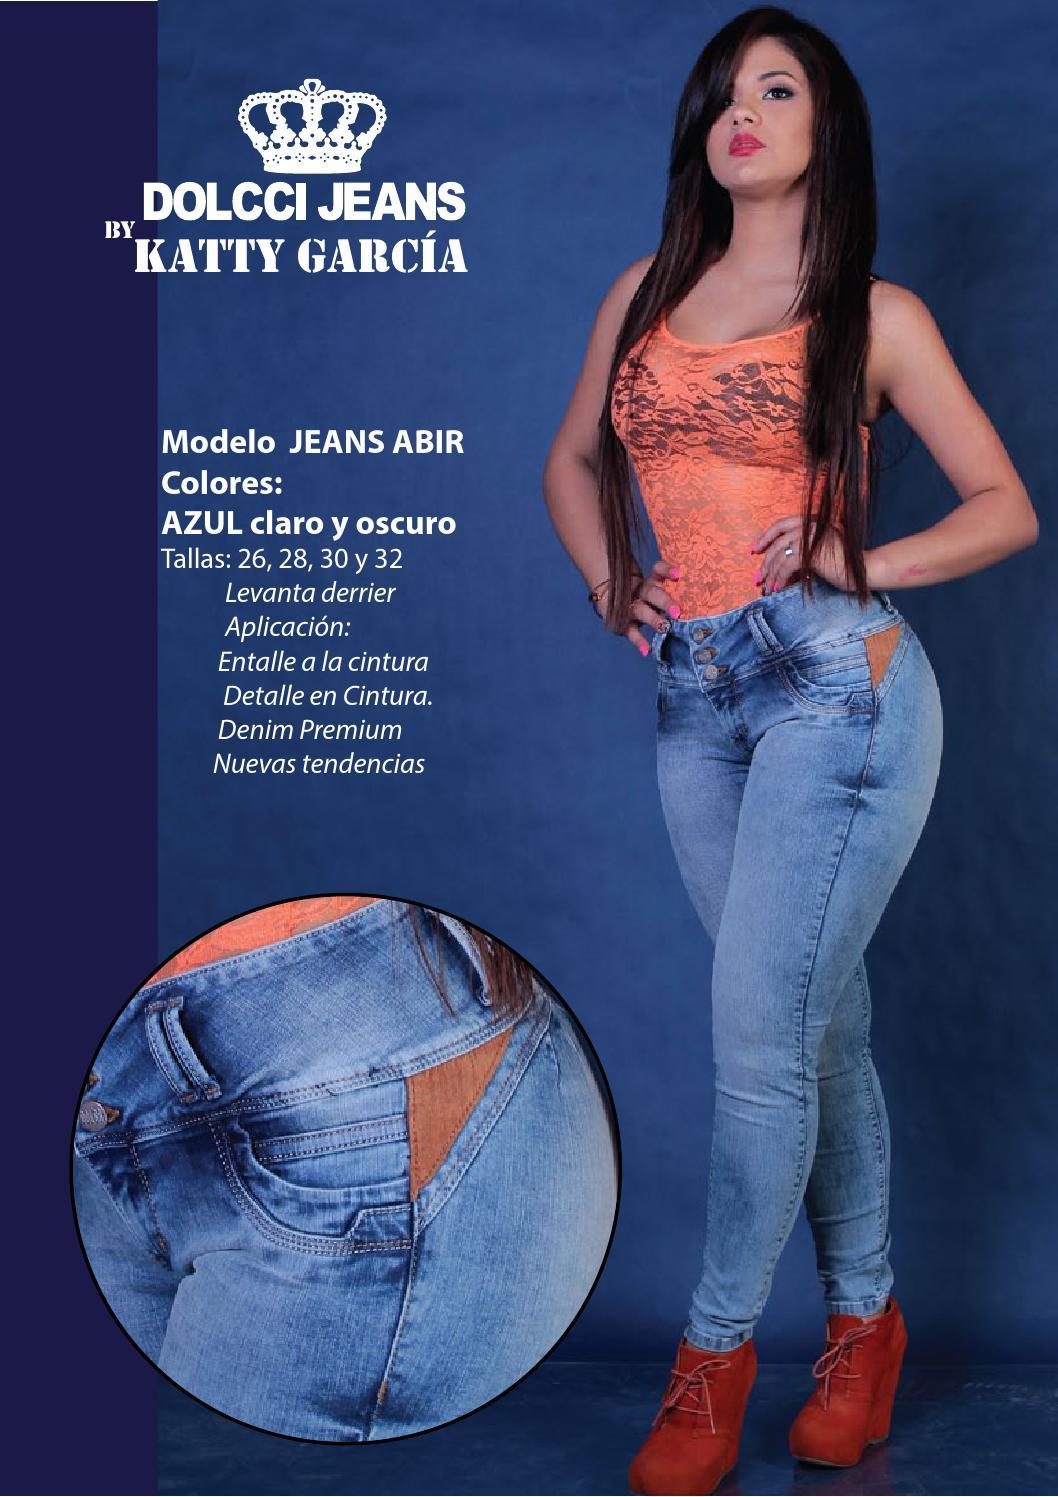 Catalogo Verano 2016 Dolcci Jeans by Dolcci Jeans by Katty Garcia - issuu